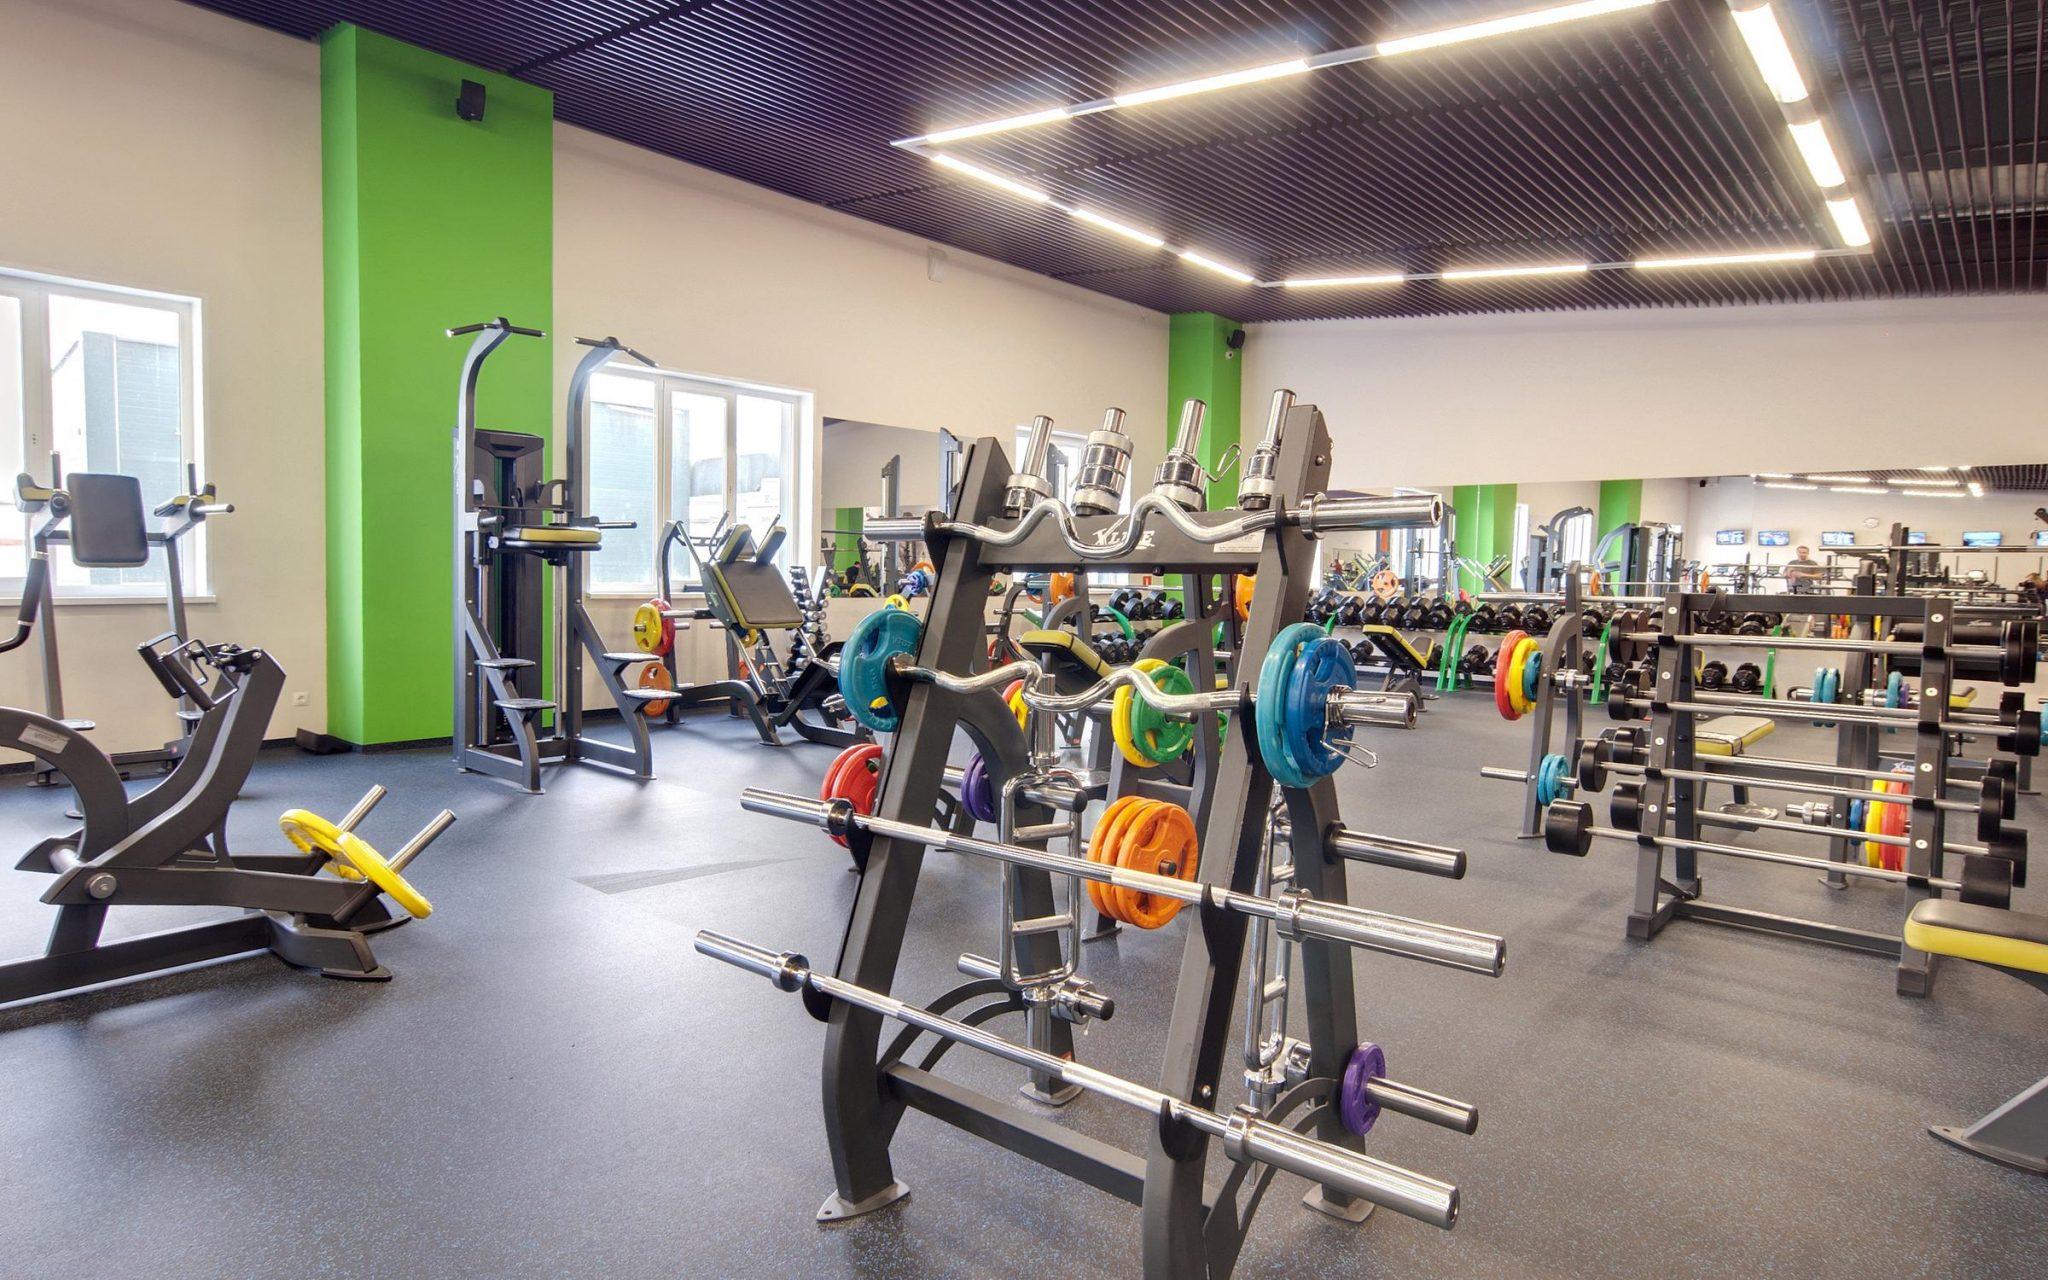 Болит спина? Что эффективно: индивидуальные упражнения или универсальная программа упражнений?